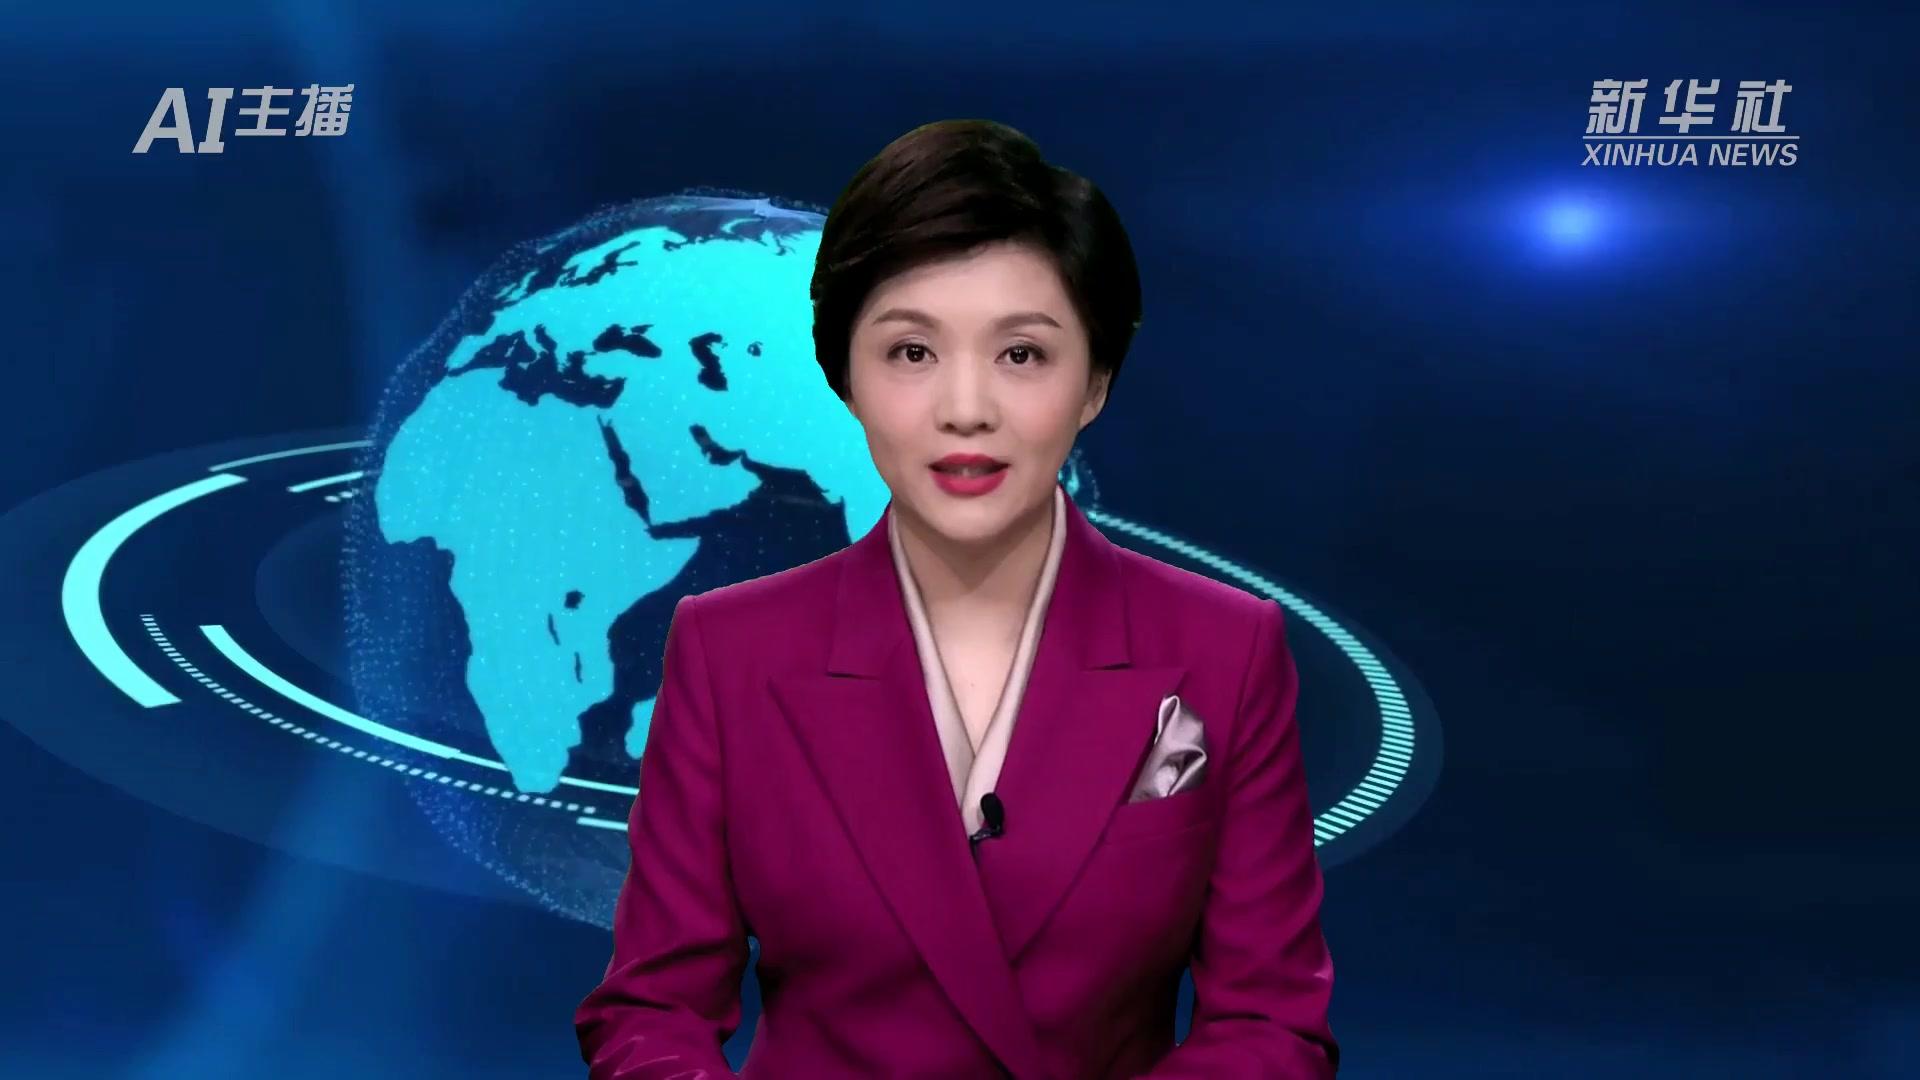 AI合成主播|中国通过世界粮食计划署向埃塞俄比亚提供援助